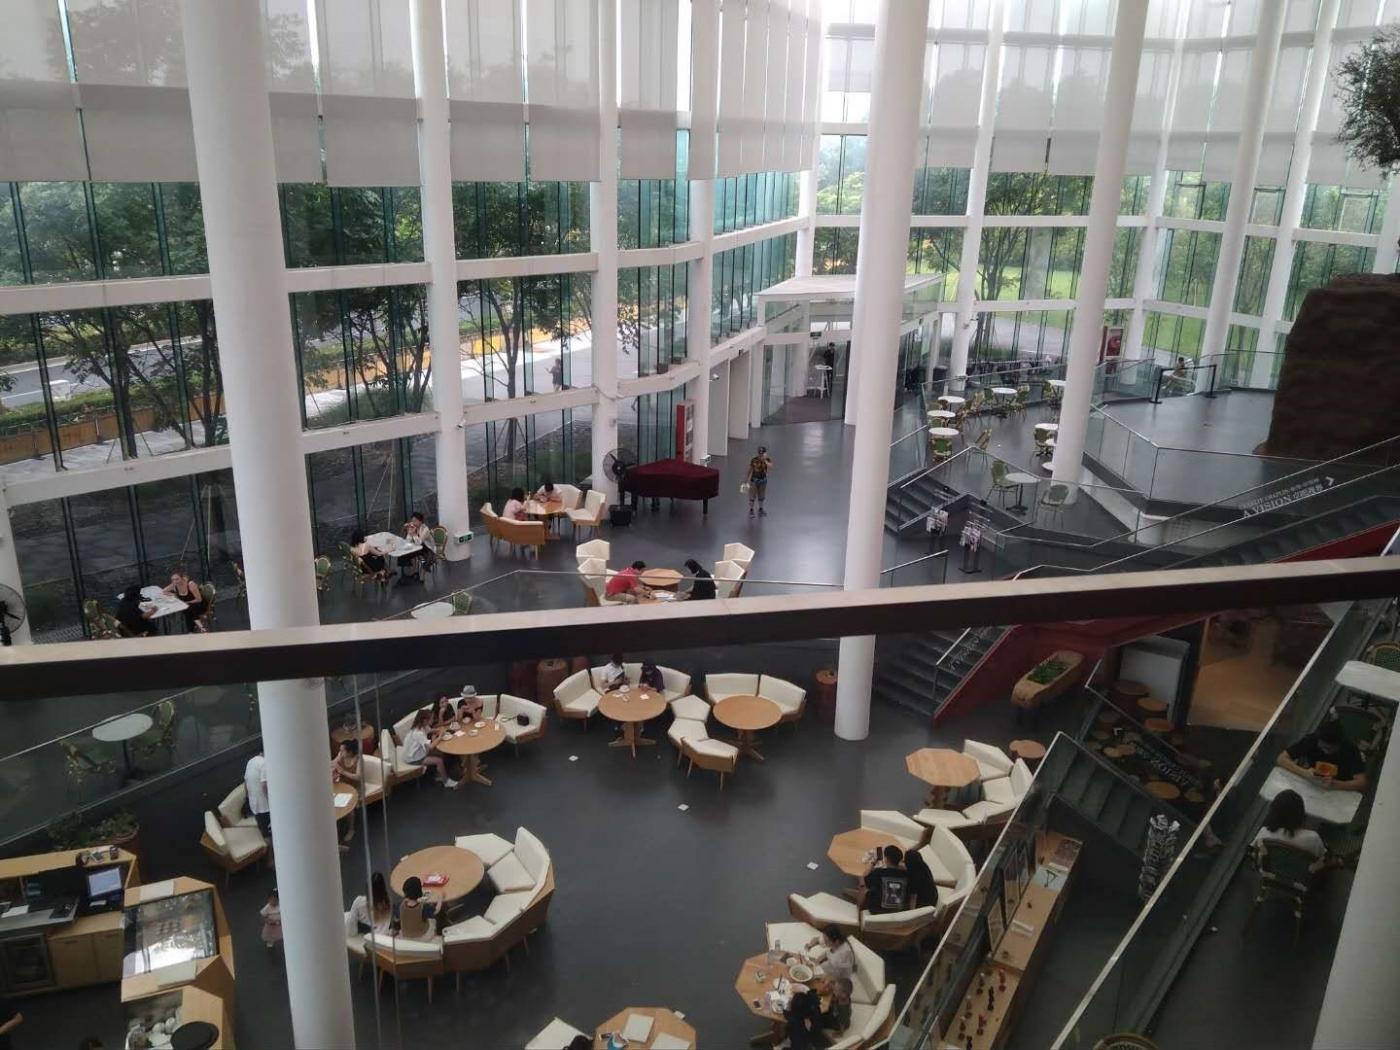 上海余德耀美术馆:小创客工作坊_图1-17